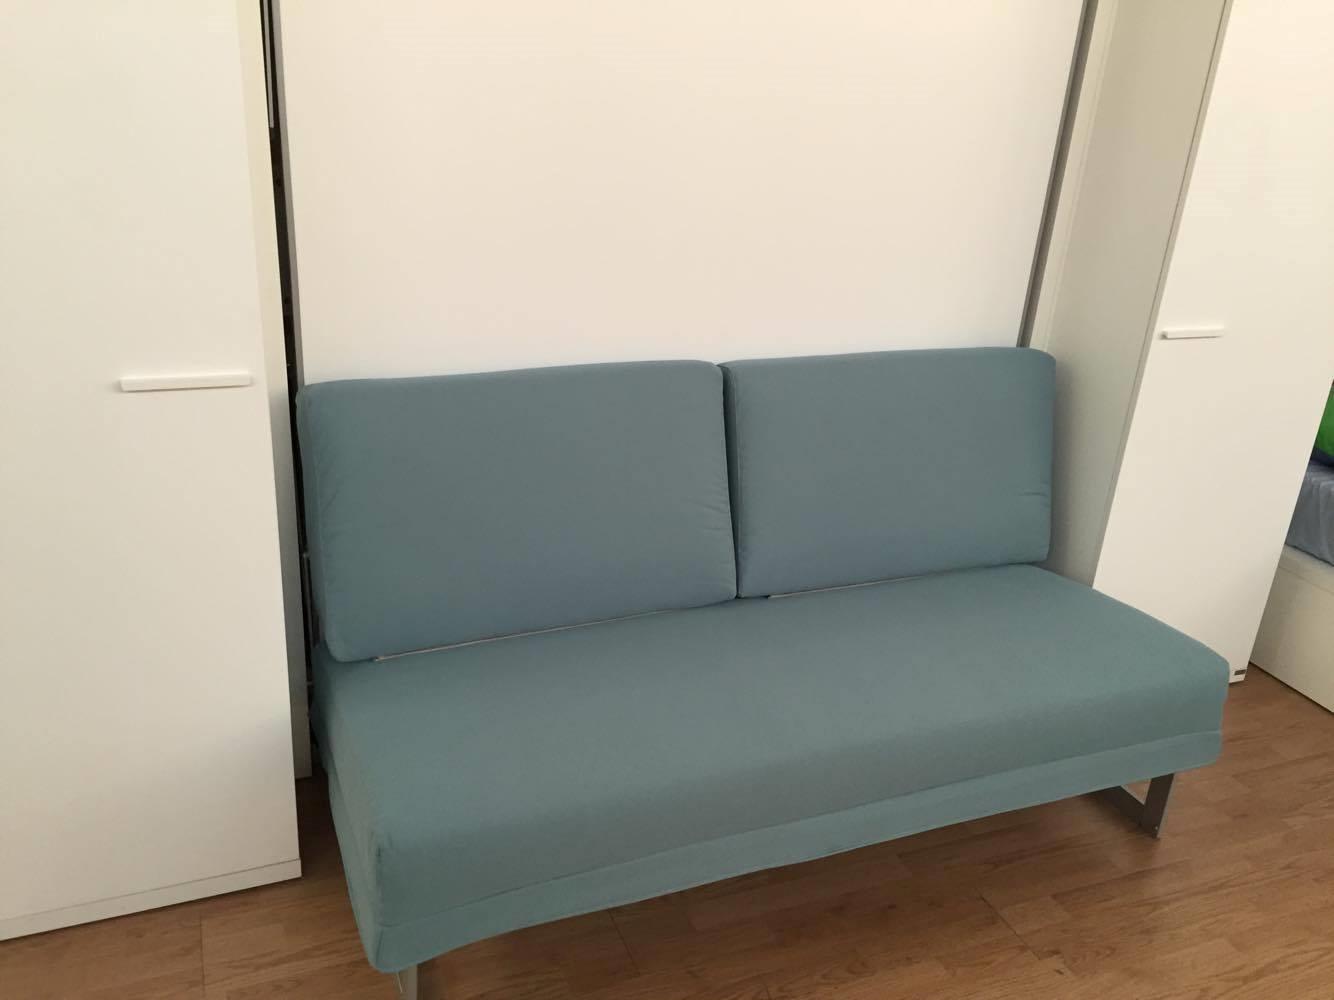 Letto a scomparsa matrimoniale con divano e armadiatura - Divano letto 160 cm mondo convenienza ...